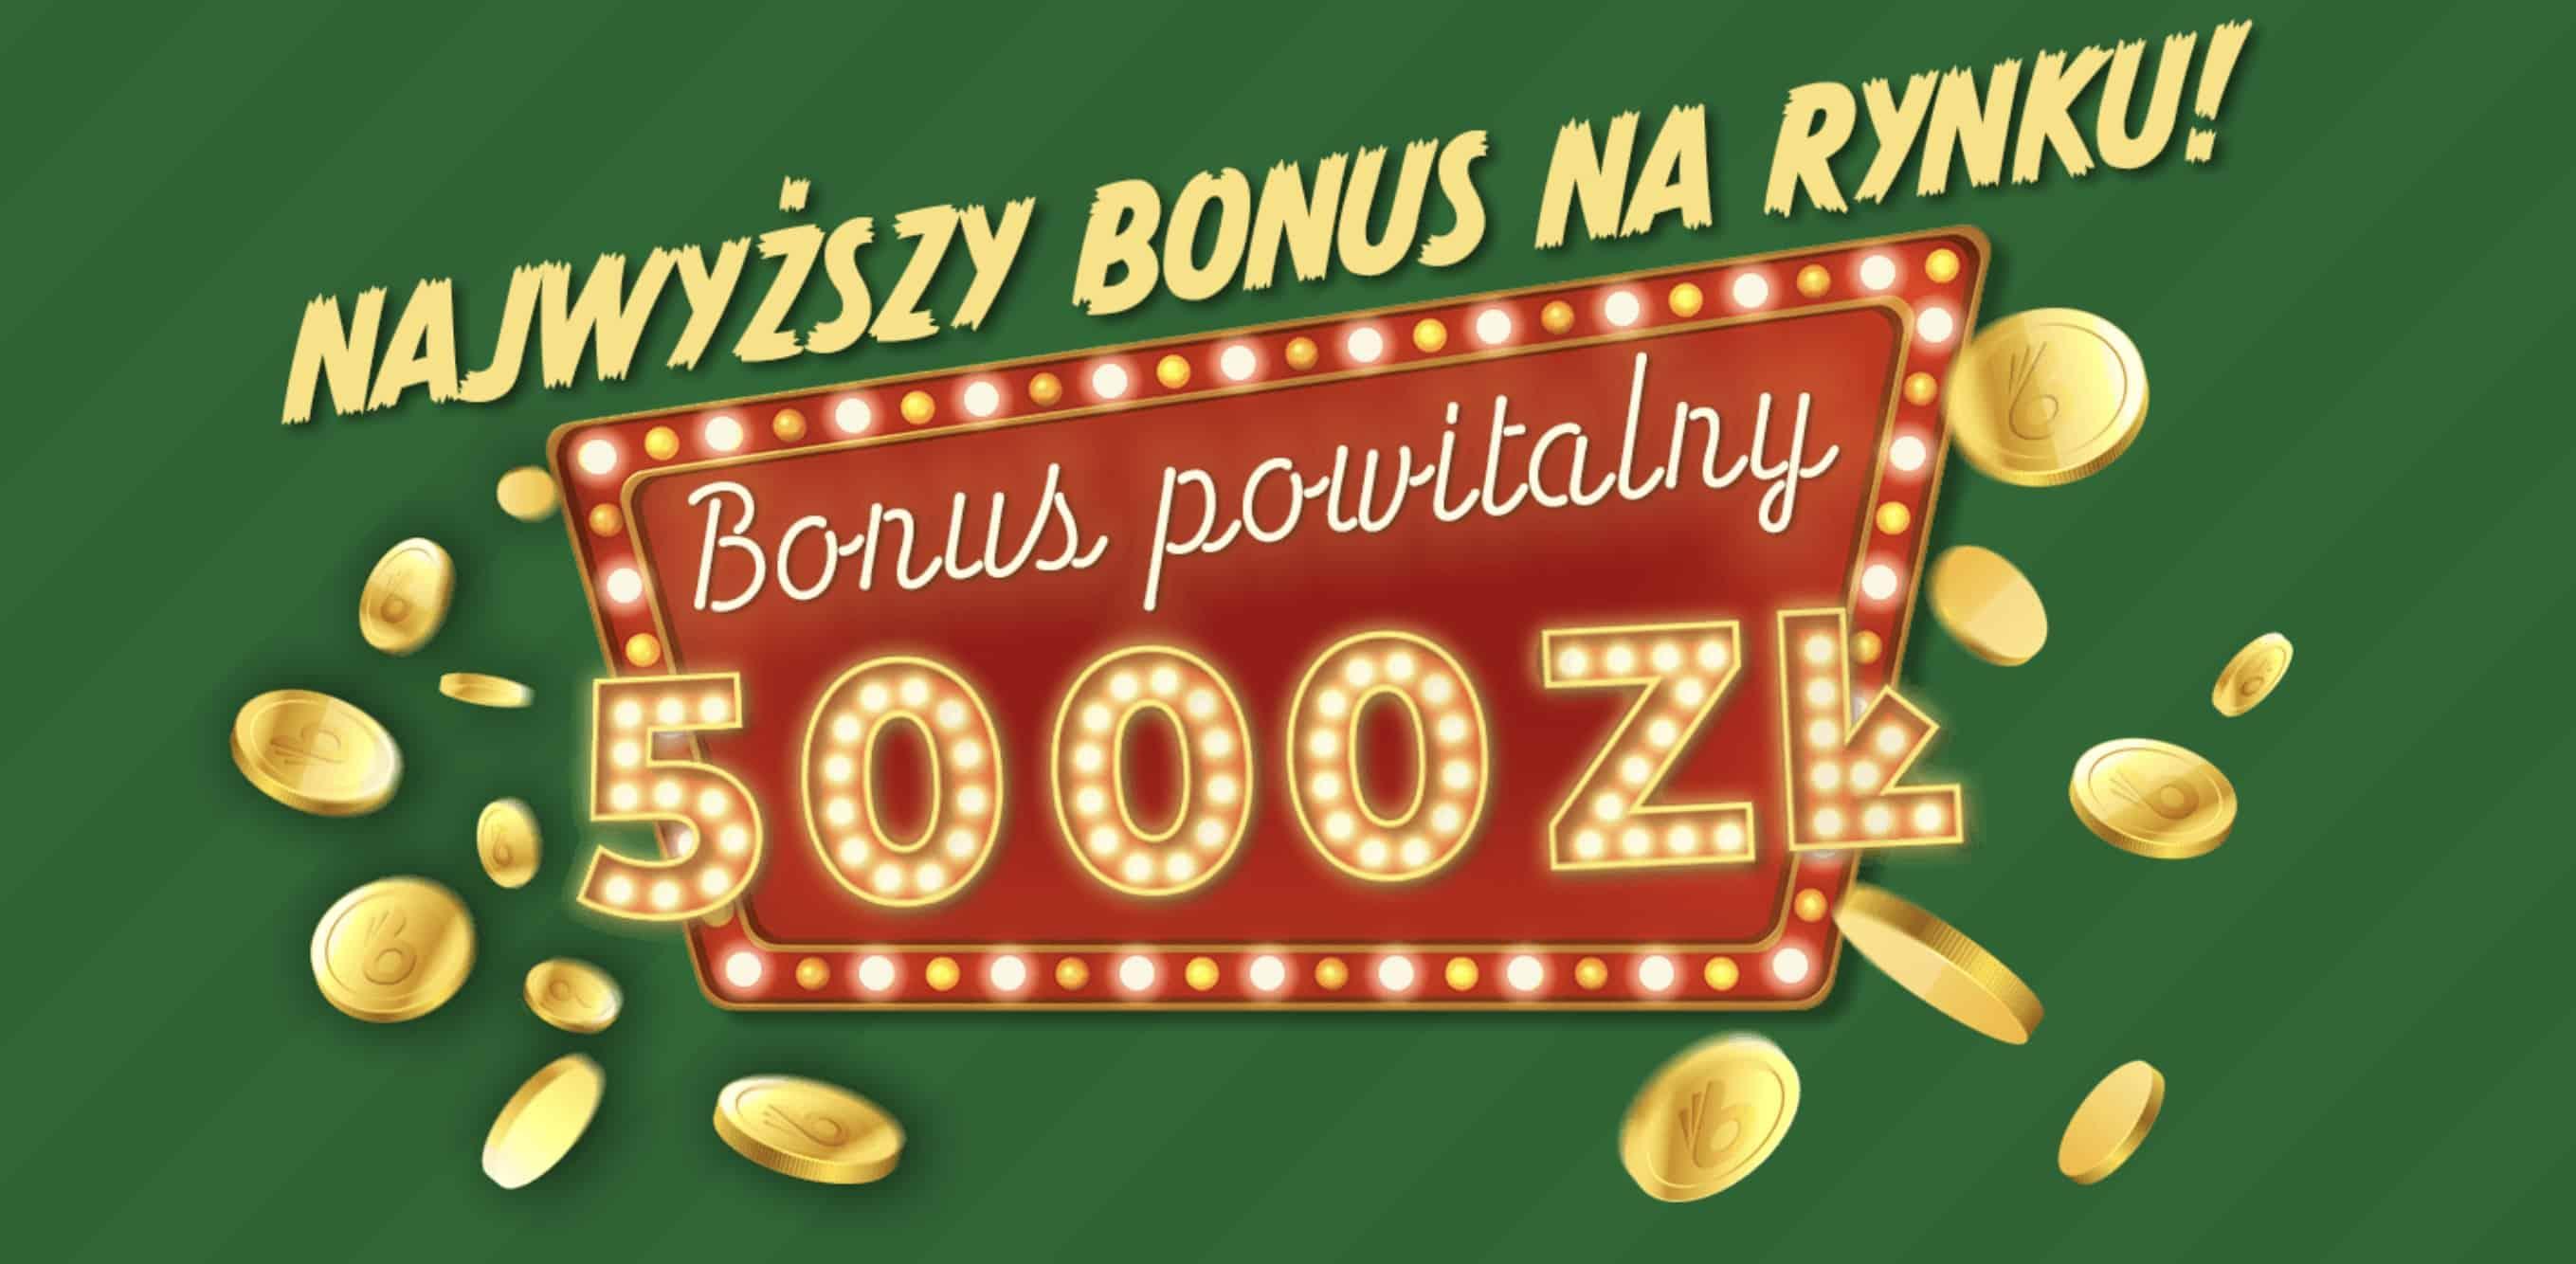 Photo of Najwyższy bonus powitalny teraz w Totalbet. Na start 5000 PLN!